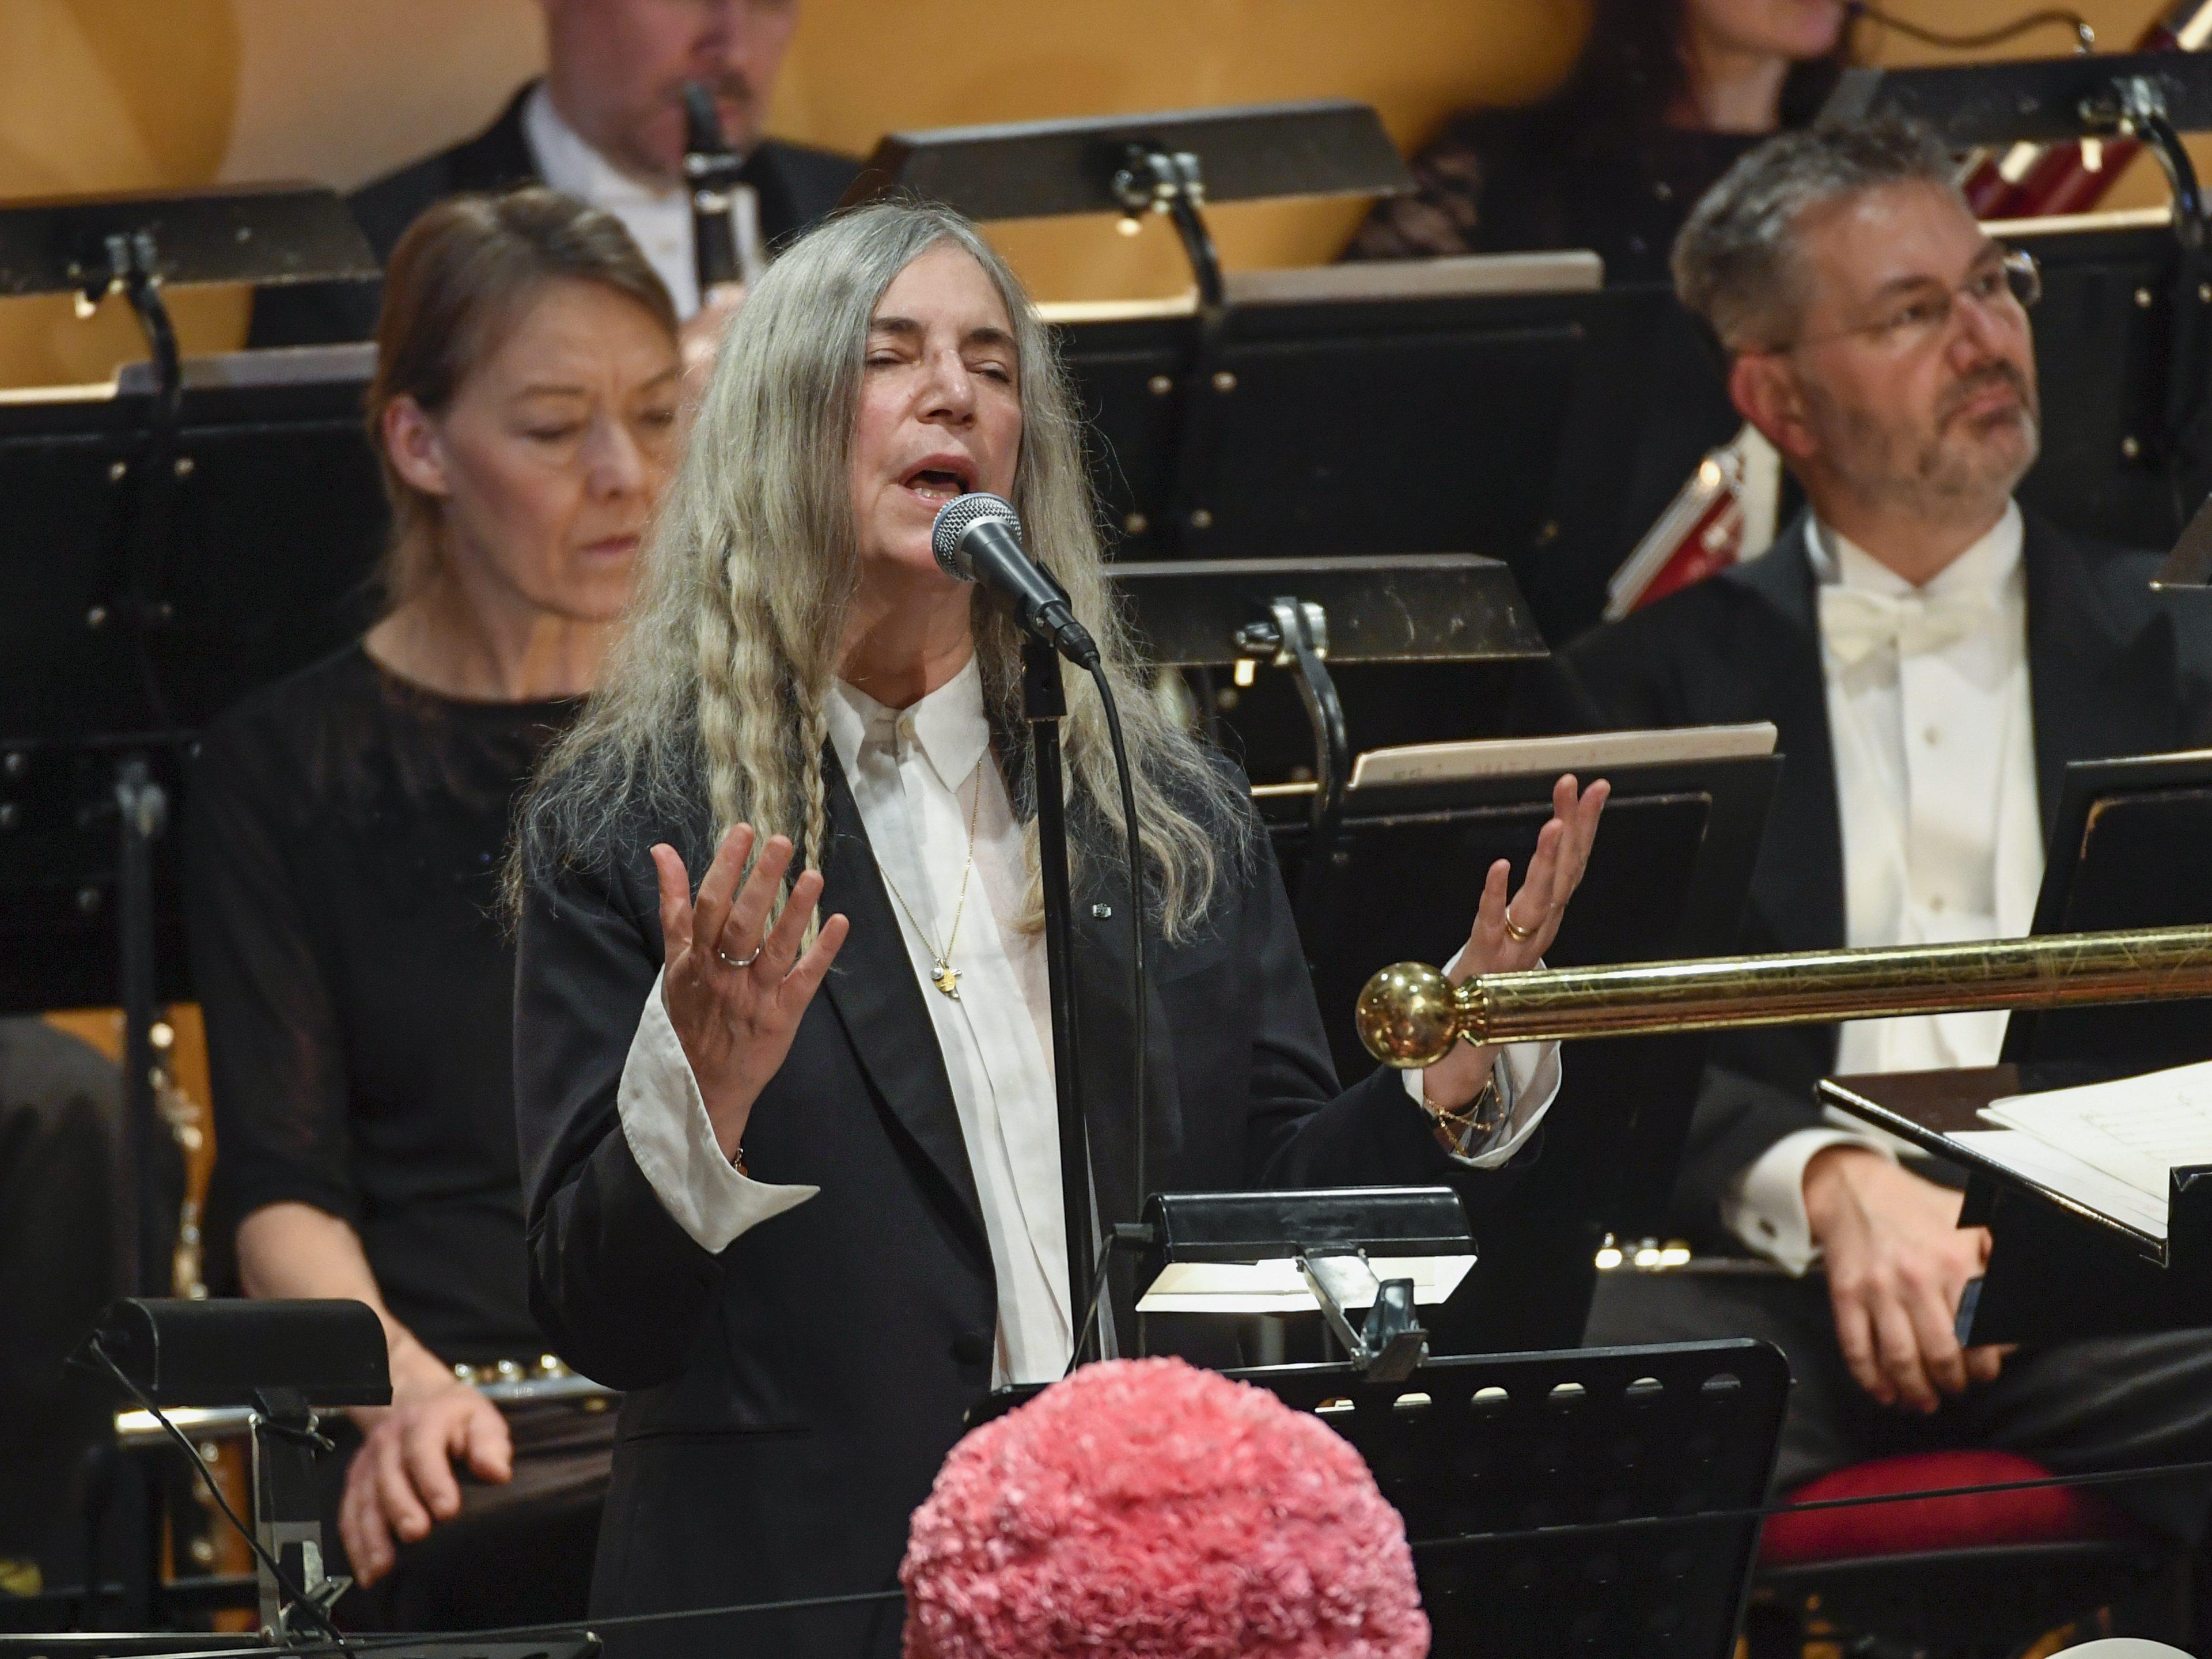 Η Πάτι Σμιθ τραγούδησε Μπομπ Ντίλαν στα Νόμπελ, αλλά ξέχασε τα λόγια